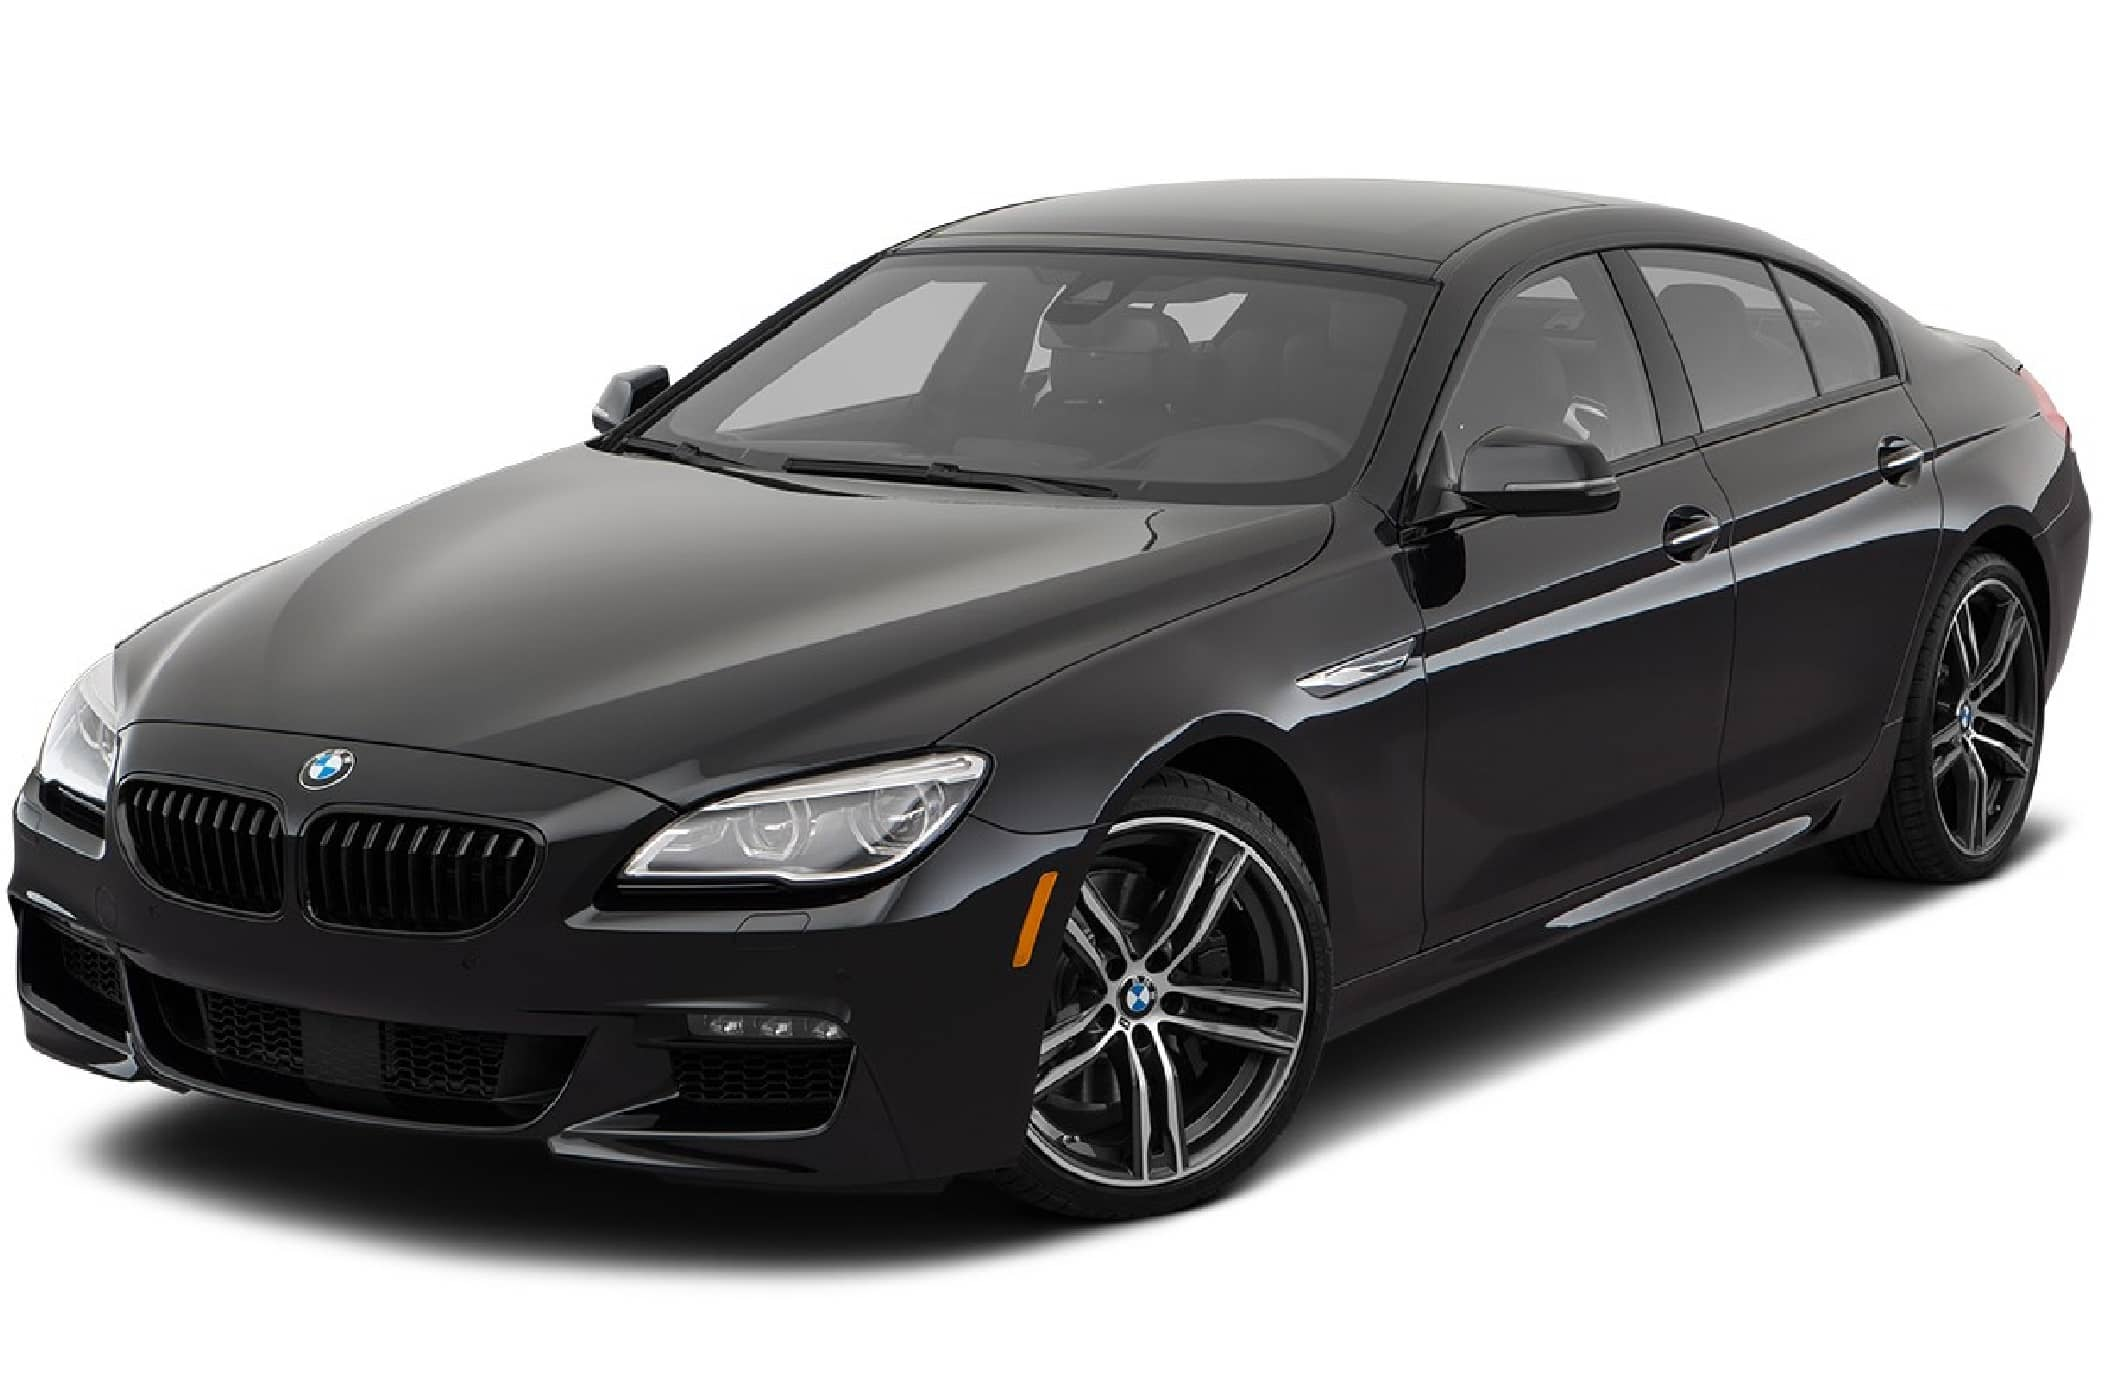 Замена лобового стекла BMW серии 6